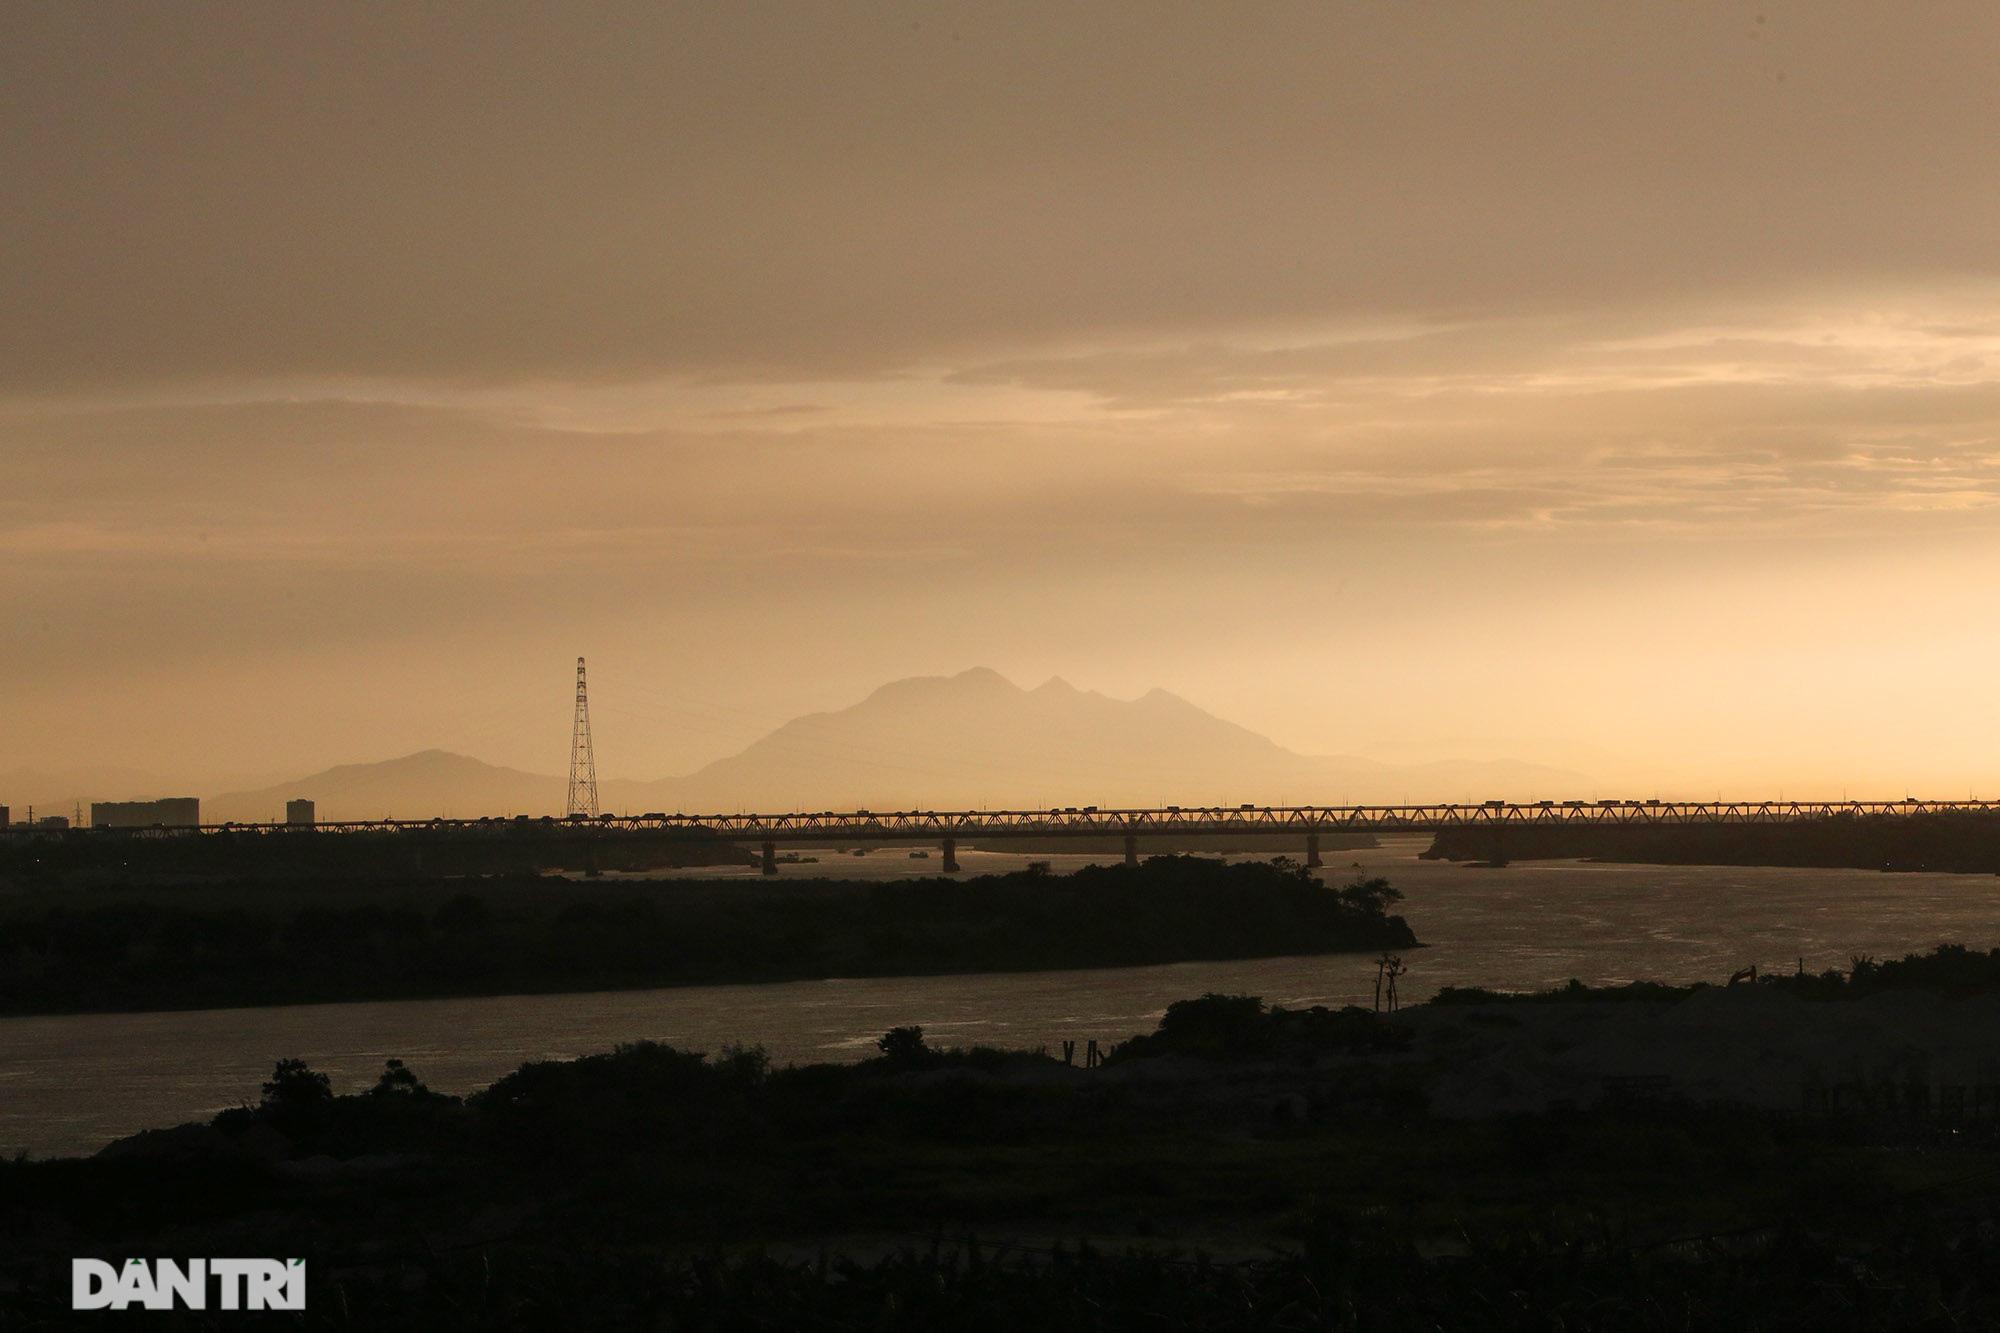 Núi thiêng gần Hà Nội đẹp mê mải nhìn từ muôn phương tám hướng - Ảnh 1.